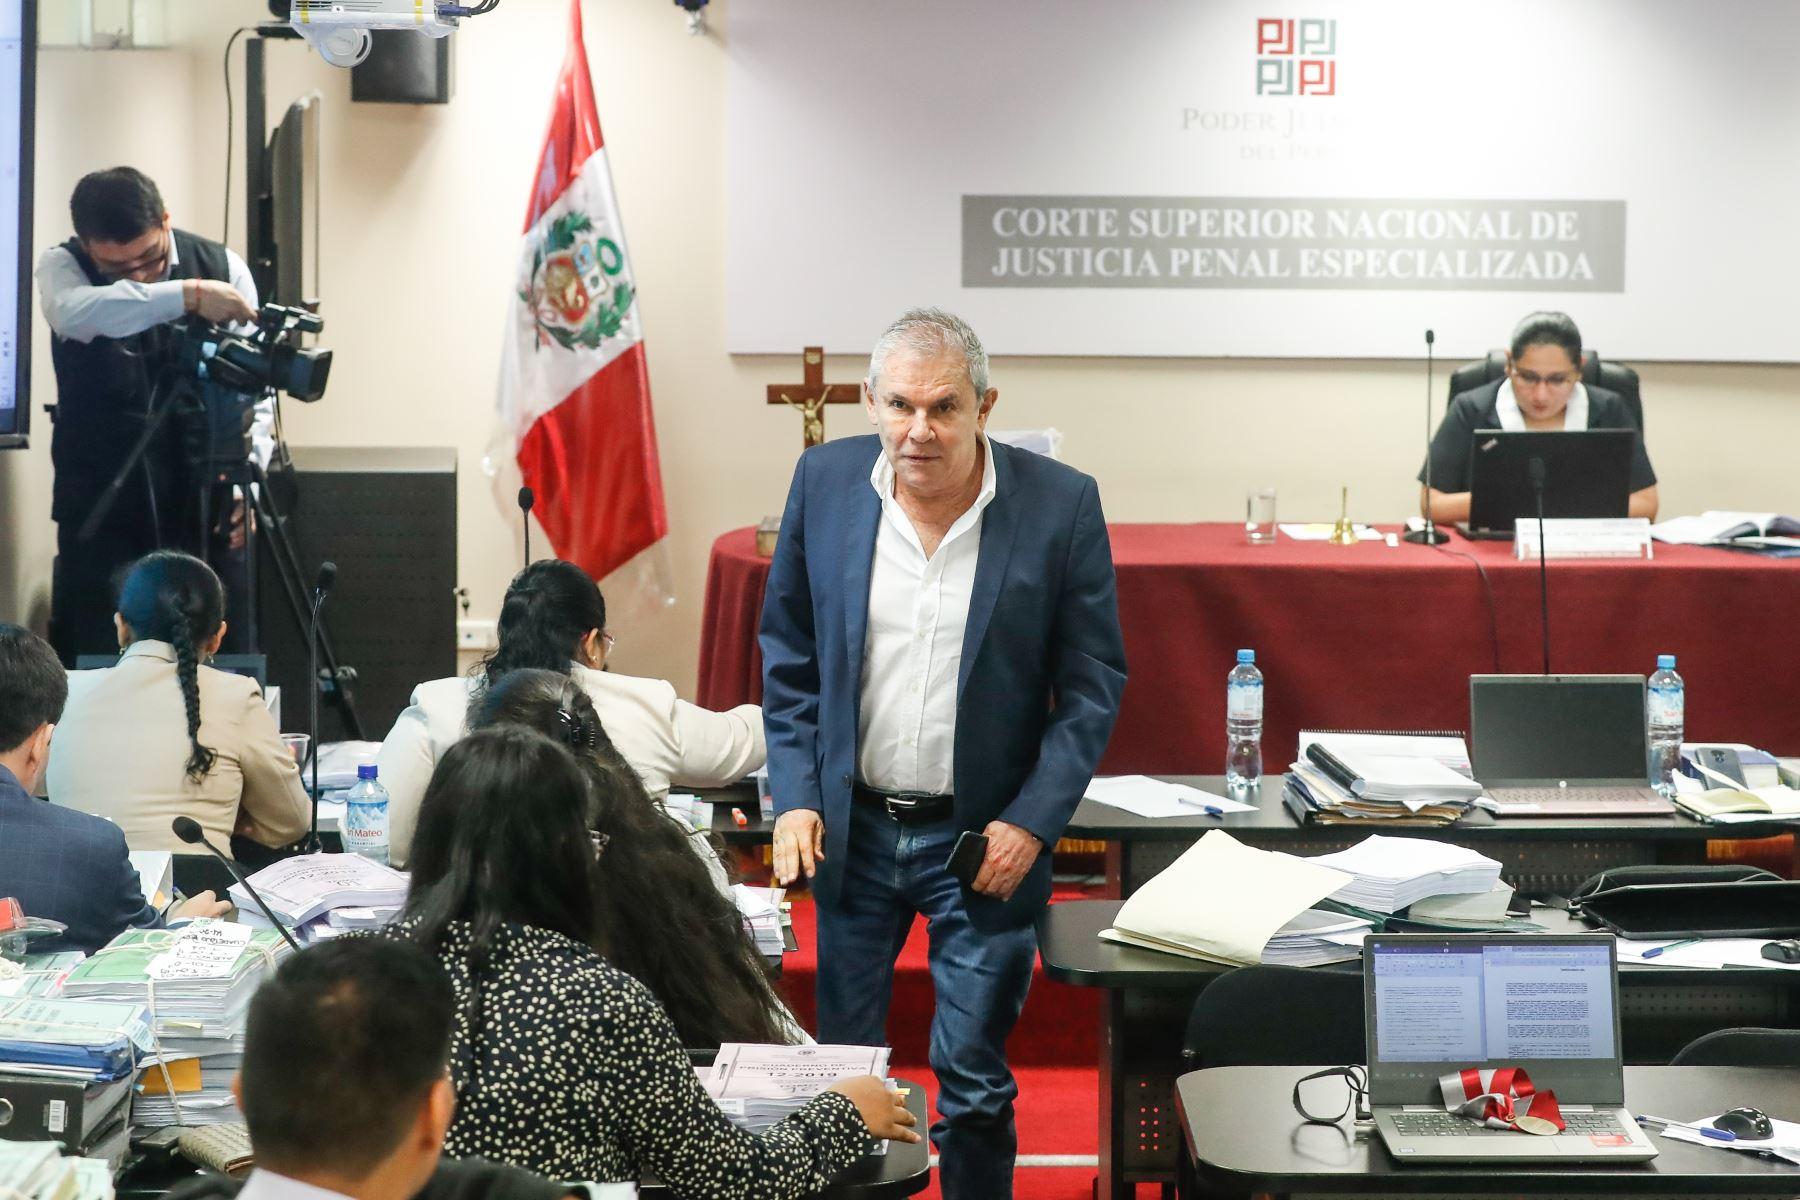 Exalcalde de Lima Luis Castañeda Lossio, durante la audiencia de requerimiento de prisión preventiva por 36 meses en su contra planteado por el Ministerio Público.Foto: ANDINA/Renato Pajuelo